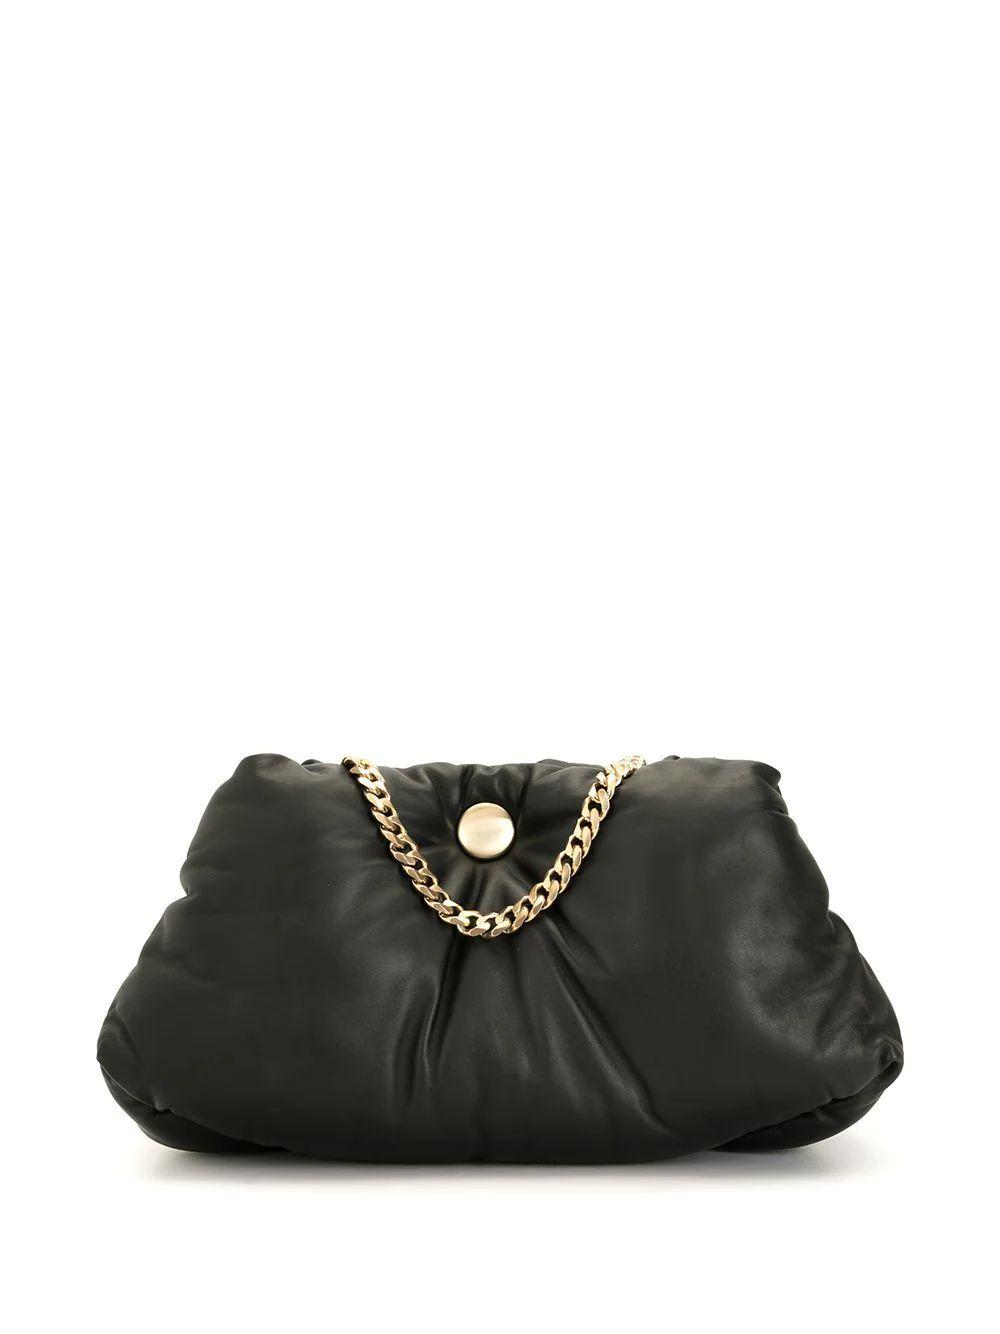 Tobo Shoulder Bag Item # H01024